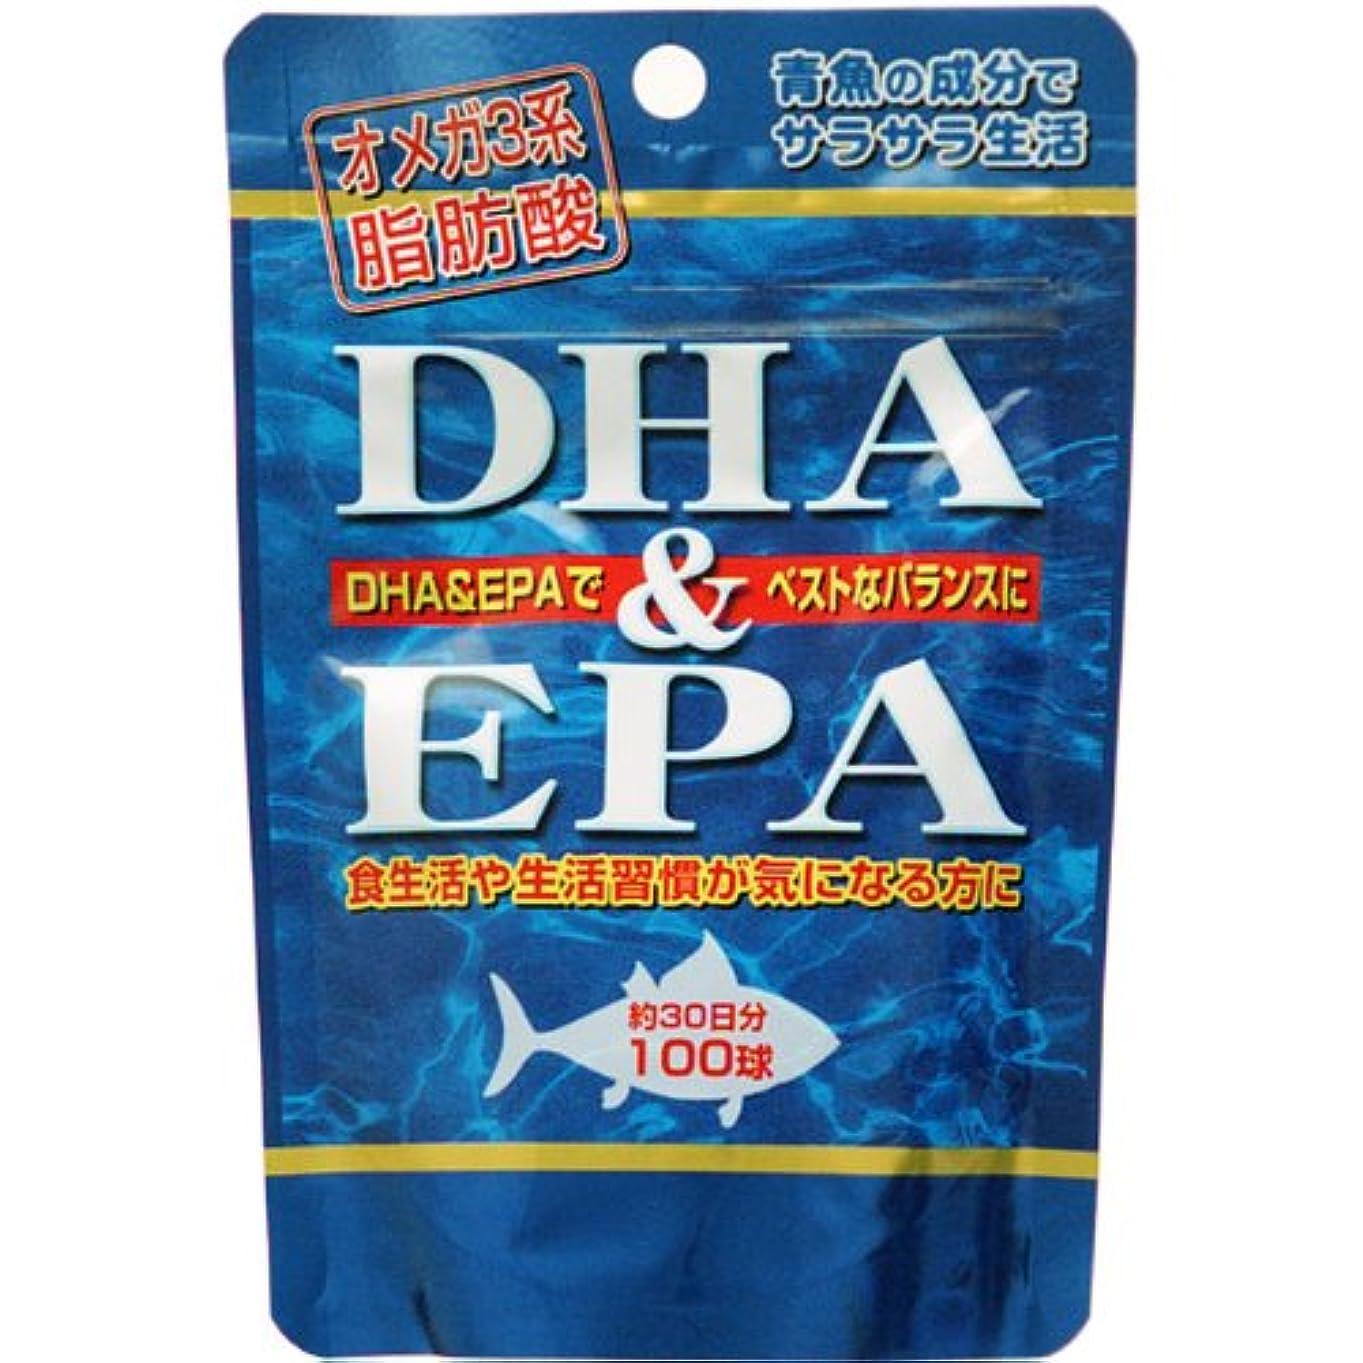 パフ弓未払いDHA(ドコサヘキサエン酸)&EPA(エイコサペンタエン酸)×2